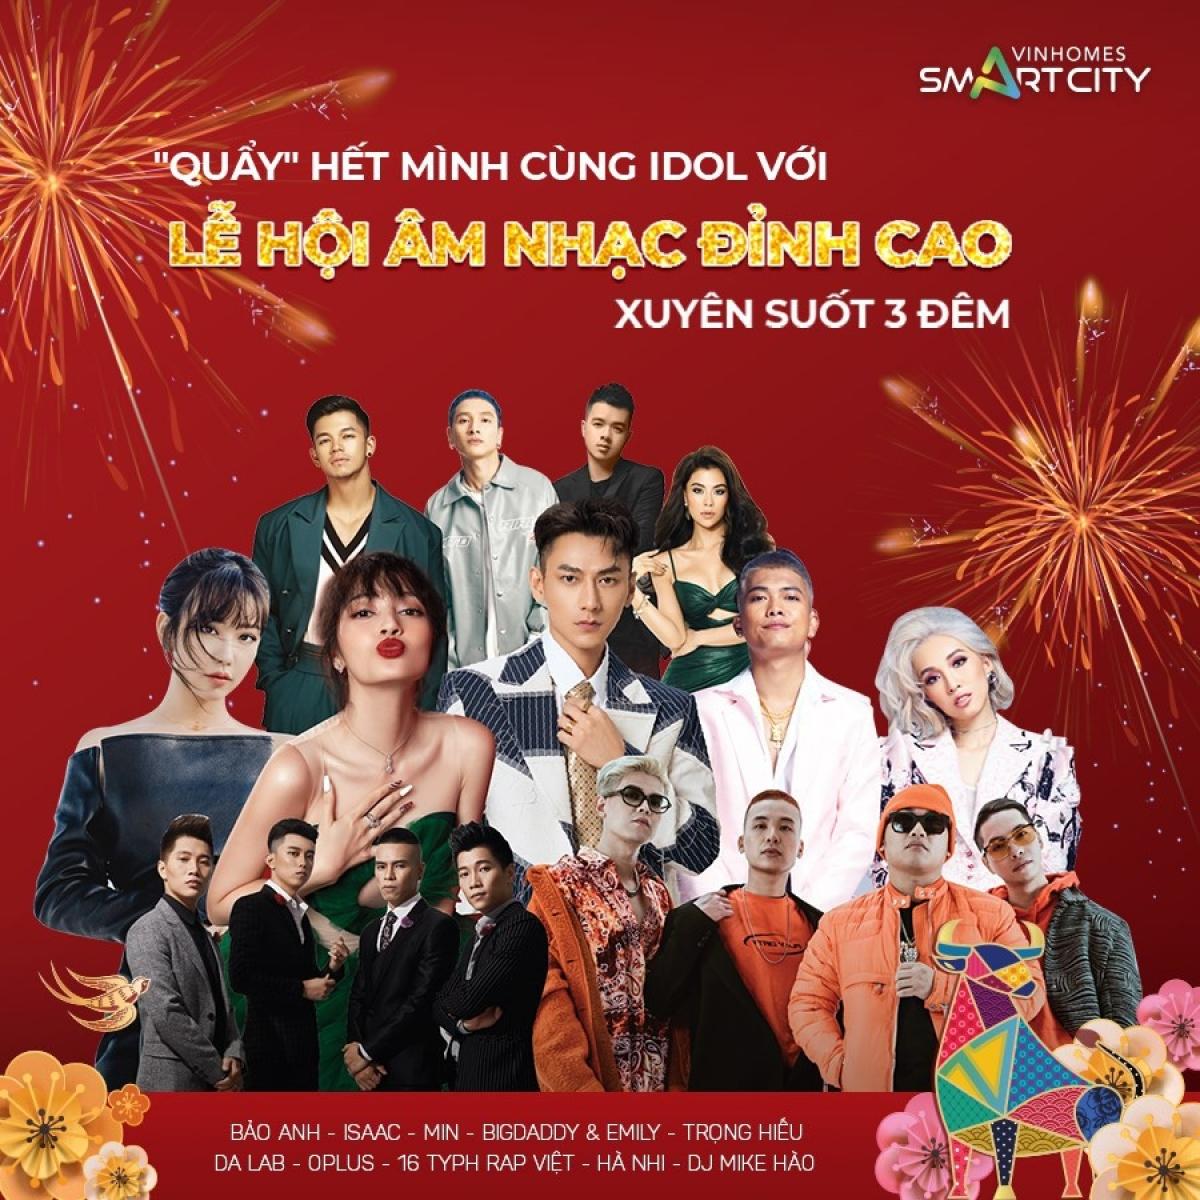 """Dàn nghệ sĩ """"đình đám"""" sẽ góp mặt trong lễ hội âm nhạc tại Lễ hội chào xuân 2021 - """"Vi vu Tết Châu Á""""."""